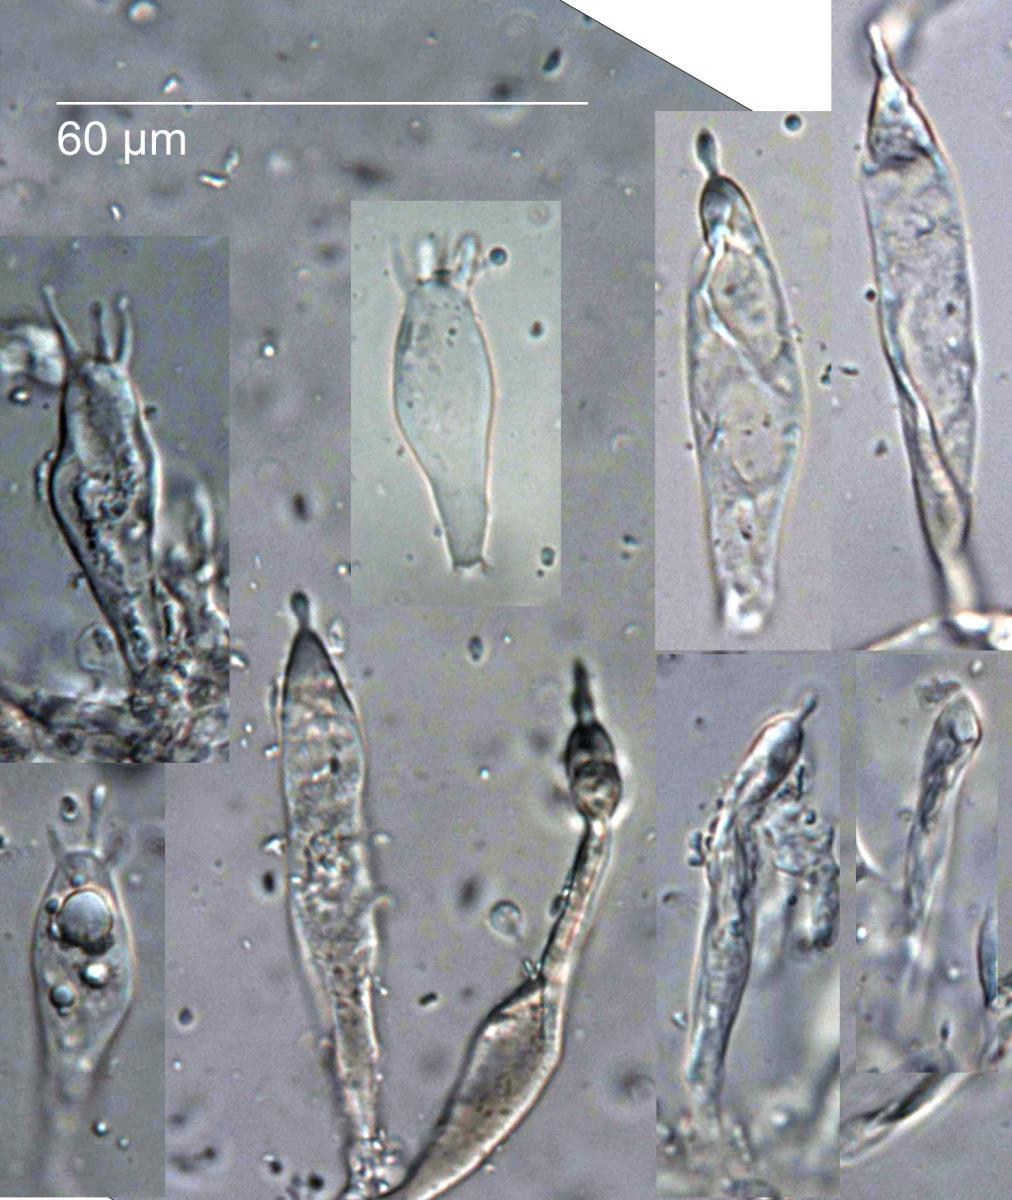 Russula roseostipitata image